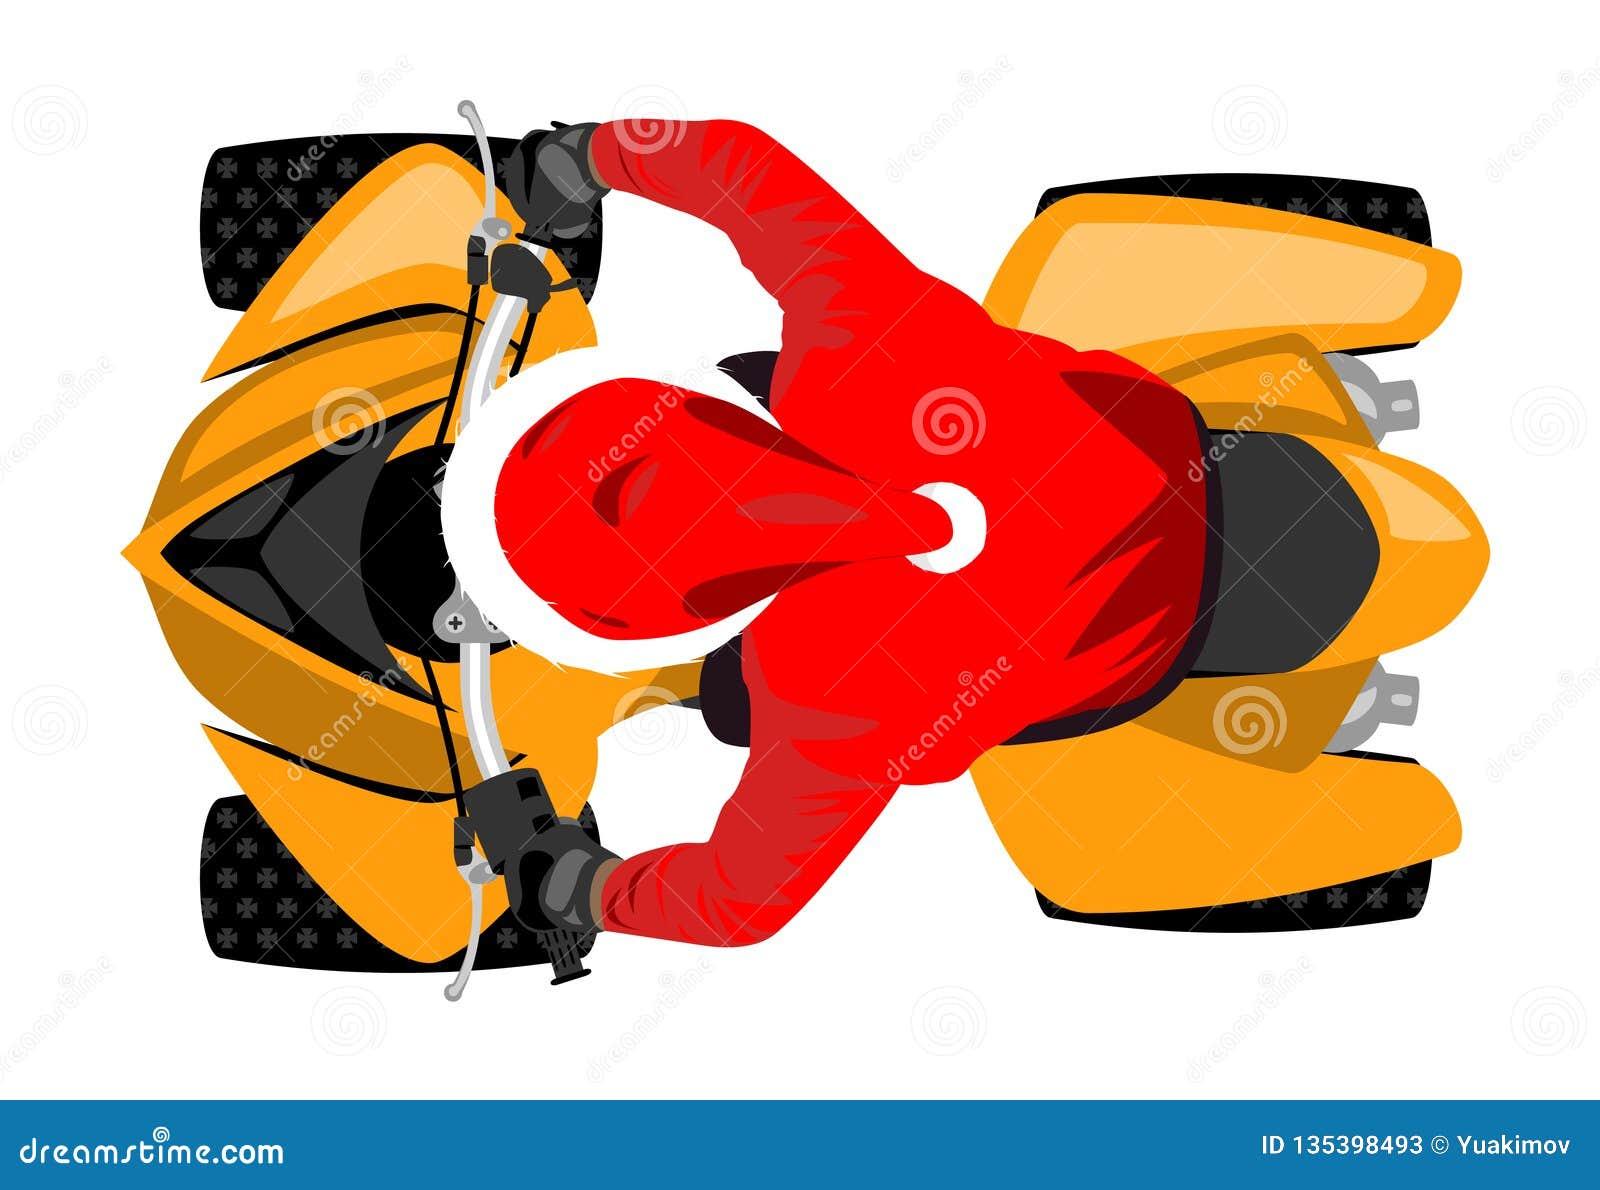 Santa Claus na opinião superior de competência de veículo todo-terreno do esporte clássico isolada na ilustração branca do vetor